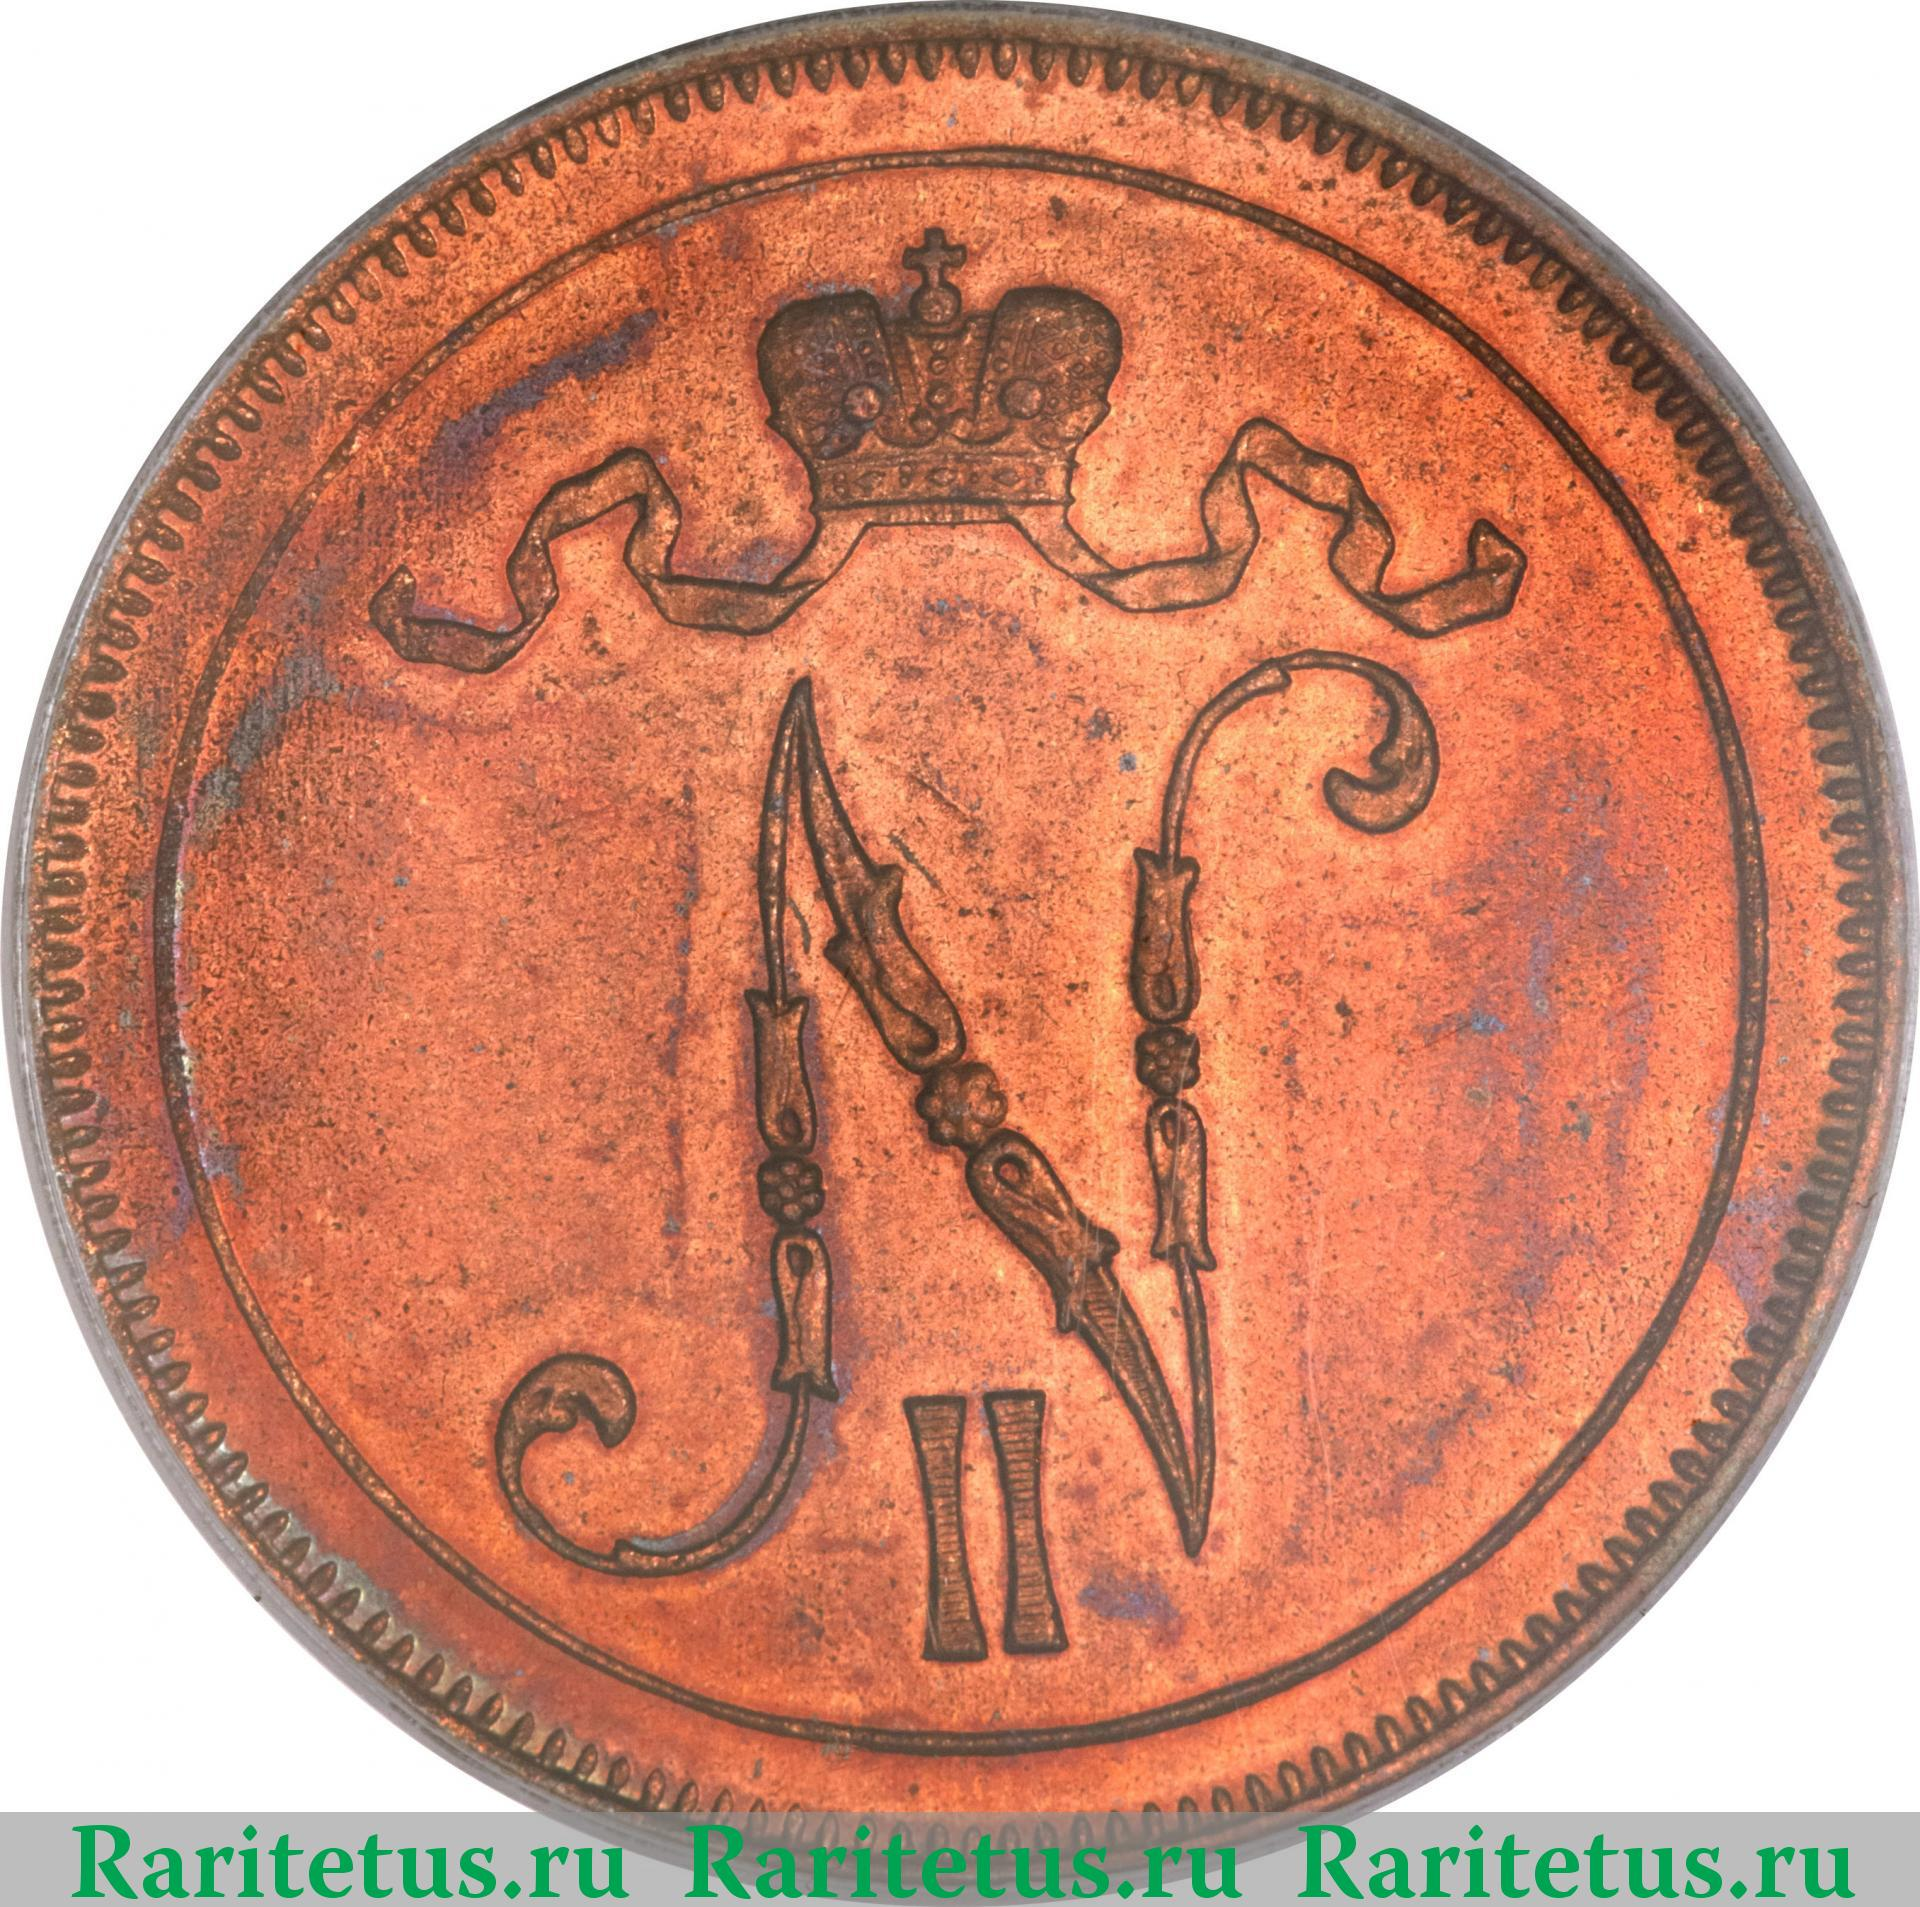 10 пенни 1917 цена 10 тысячная купюра фото